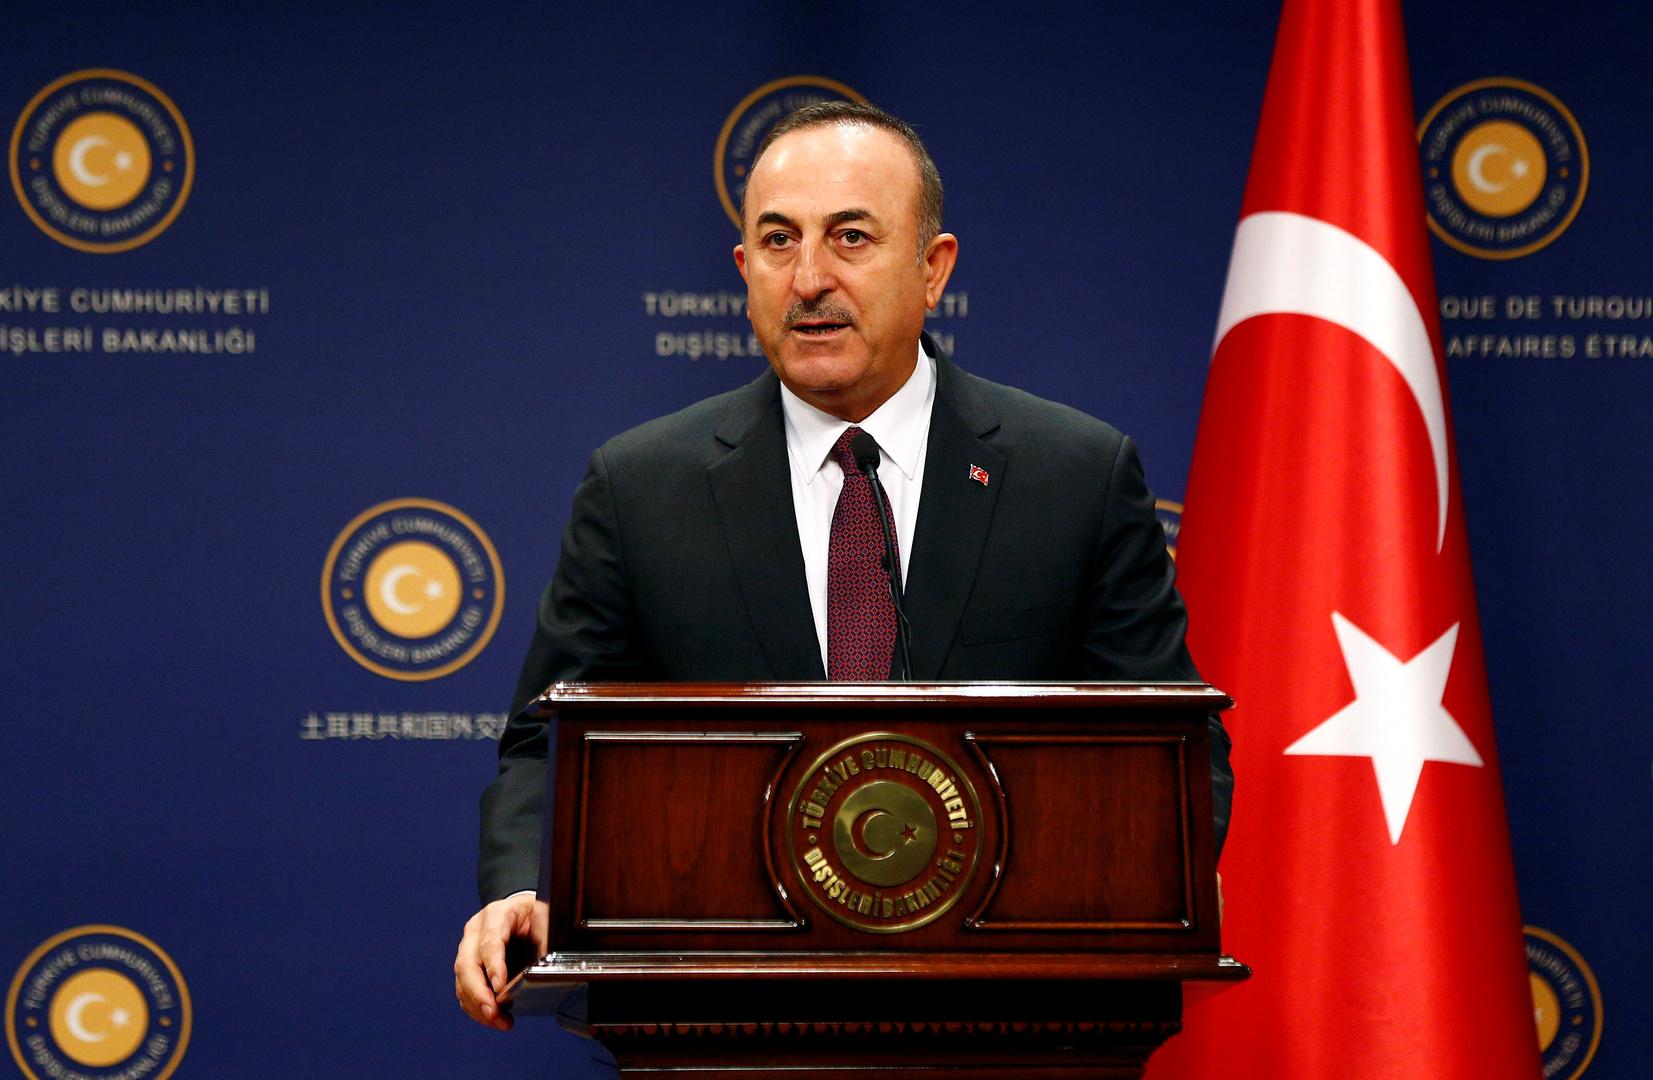 وزيرالخارجية التركي مولود تشاويش أوغلو